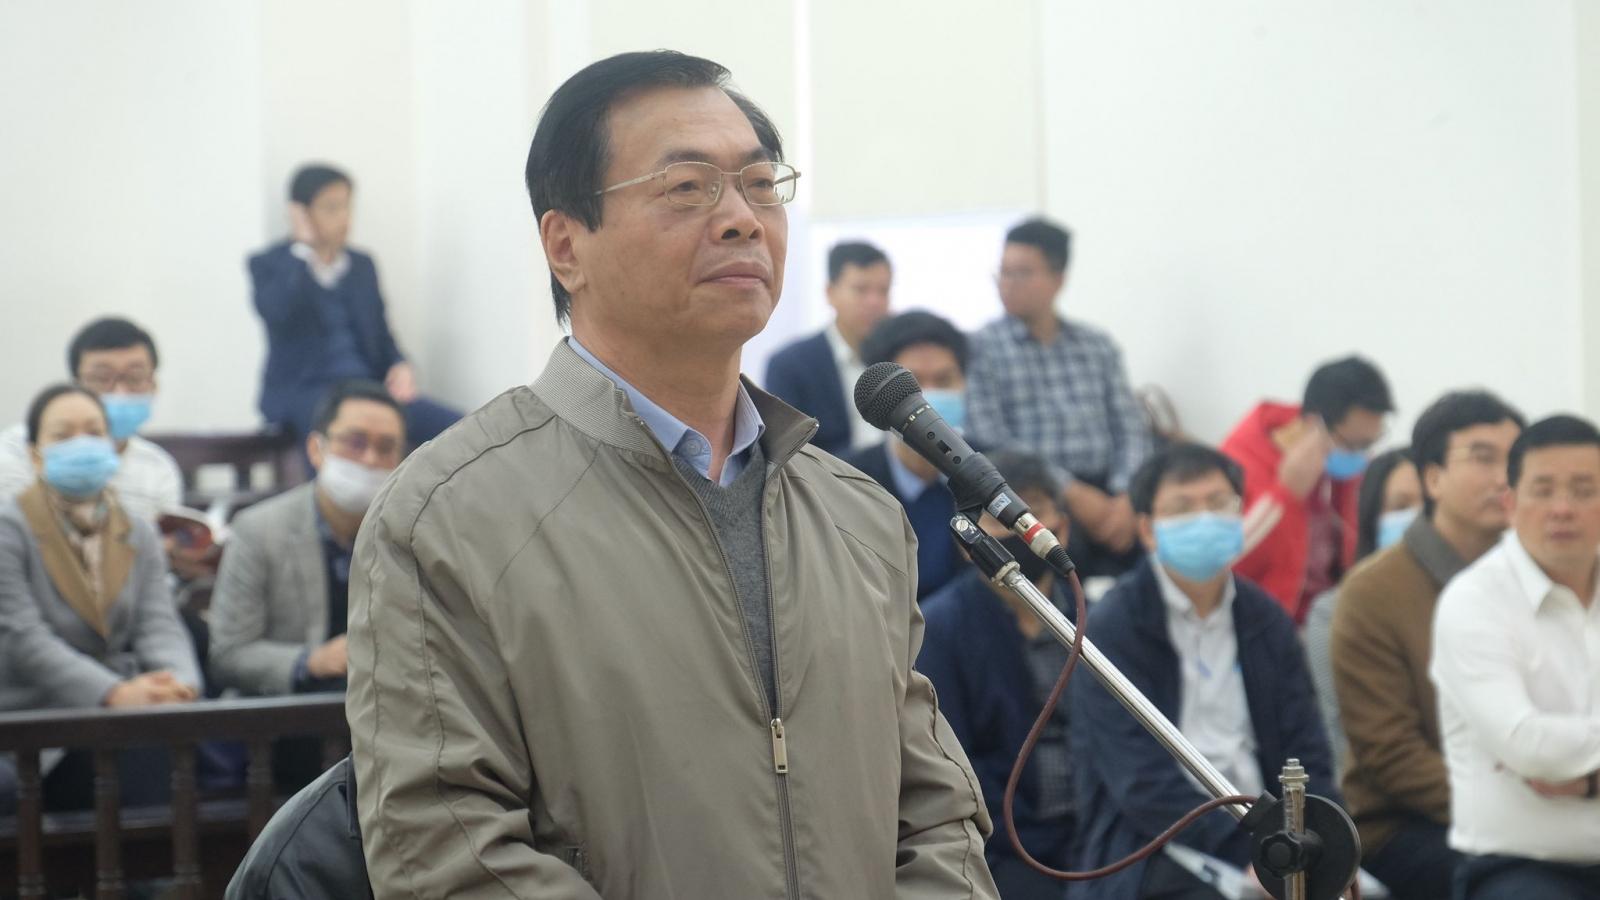 Ngày 18/1 mở lại phiên tòa xử cựu Bộ trưởng Vũ Huy Hoàng